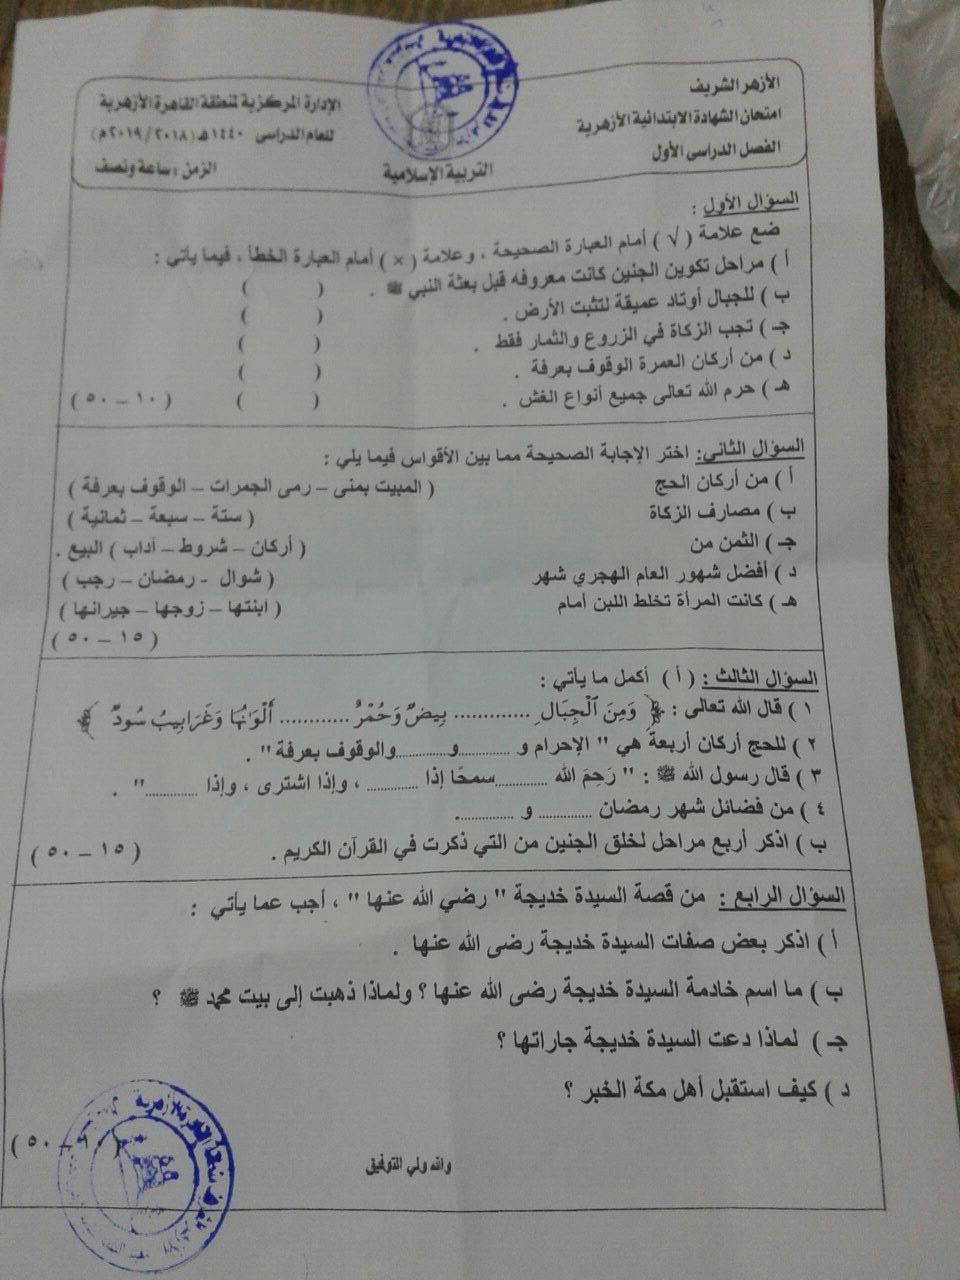 امتحان التربية الاسلامية للصف السادس الابتدائي ترم أول 2019 منطقة القاهرة 5353